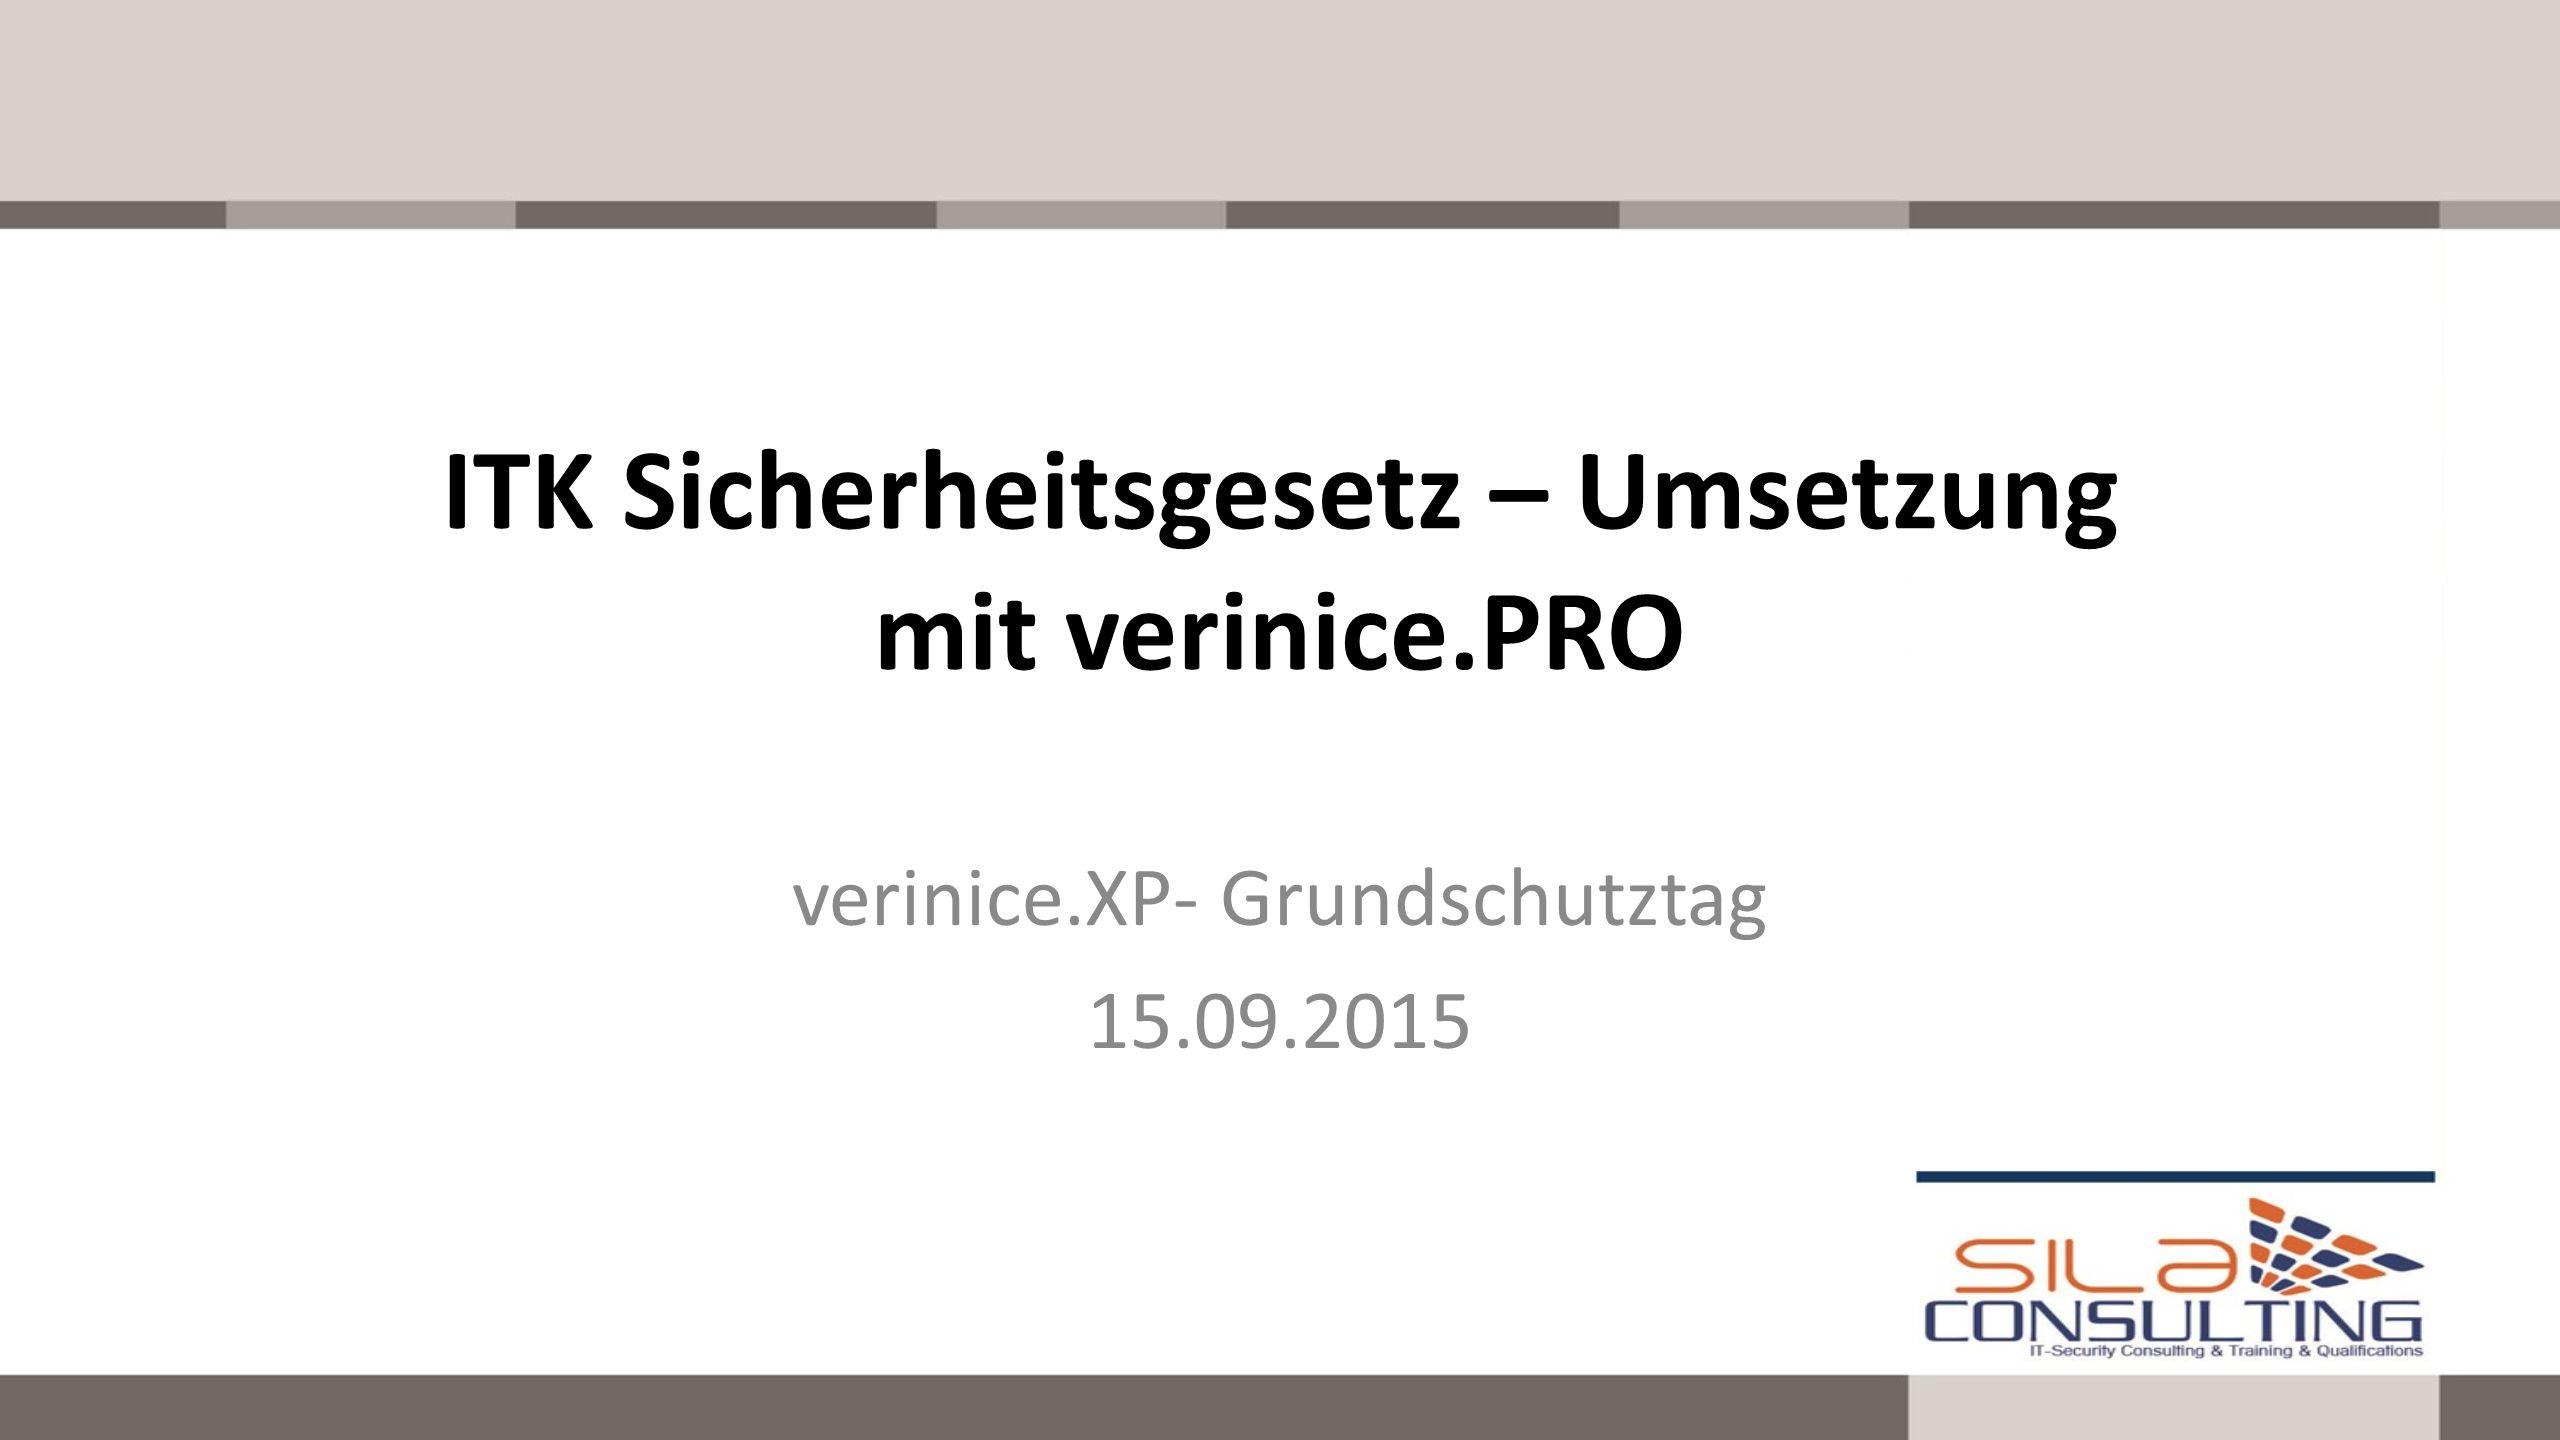 verinice.XP- Grundschutztag 15.09.2015 ITK Sicherheitsgesetz – Umsetzung mit verinice.PRO